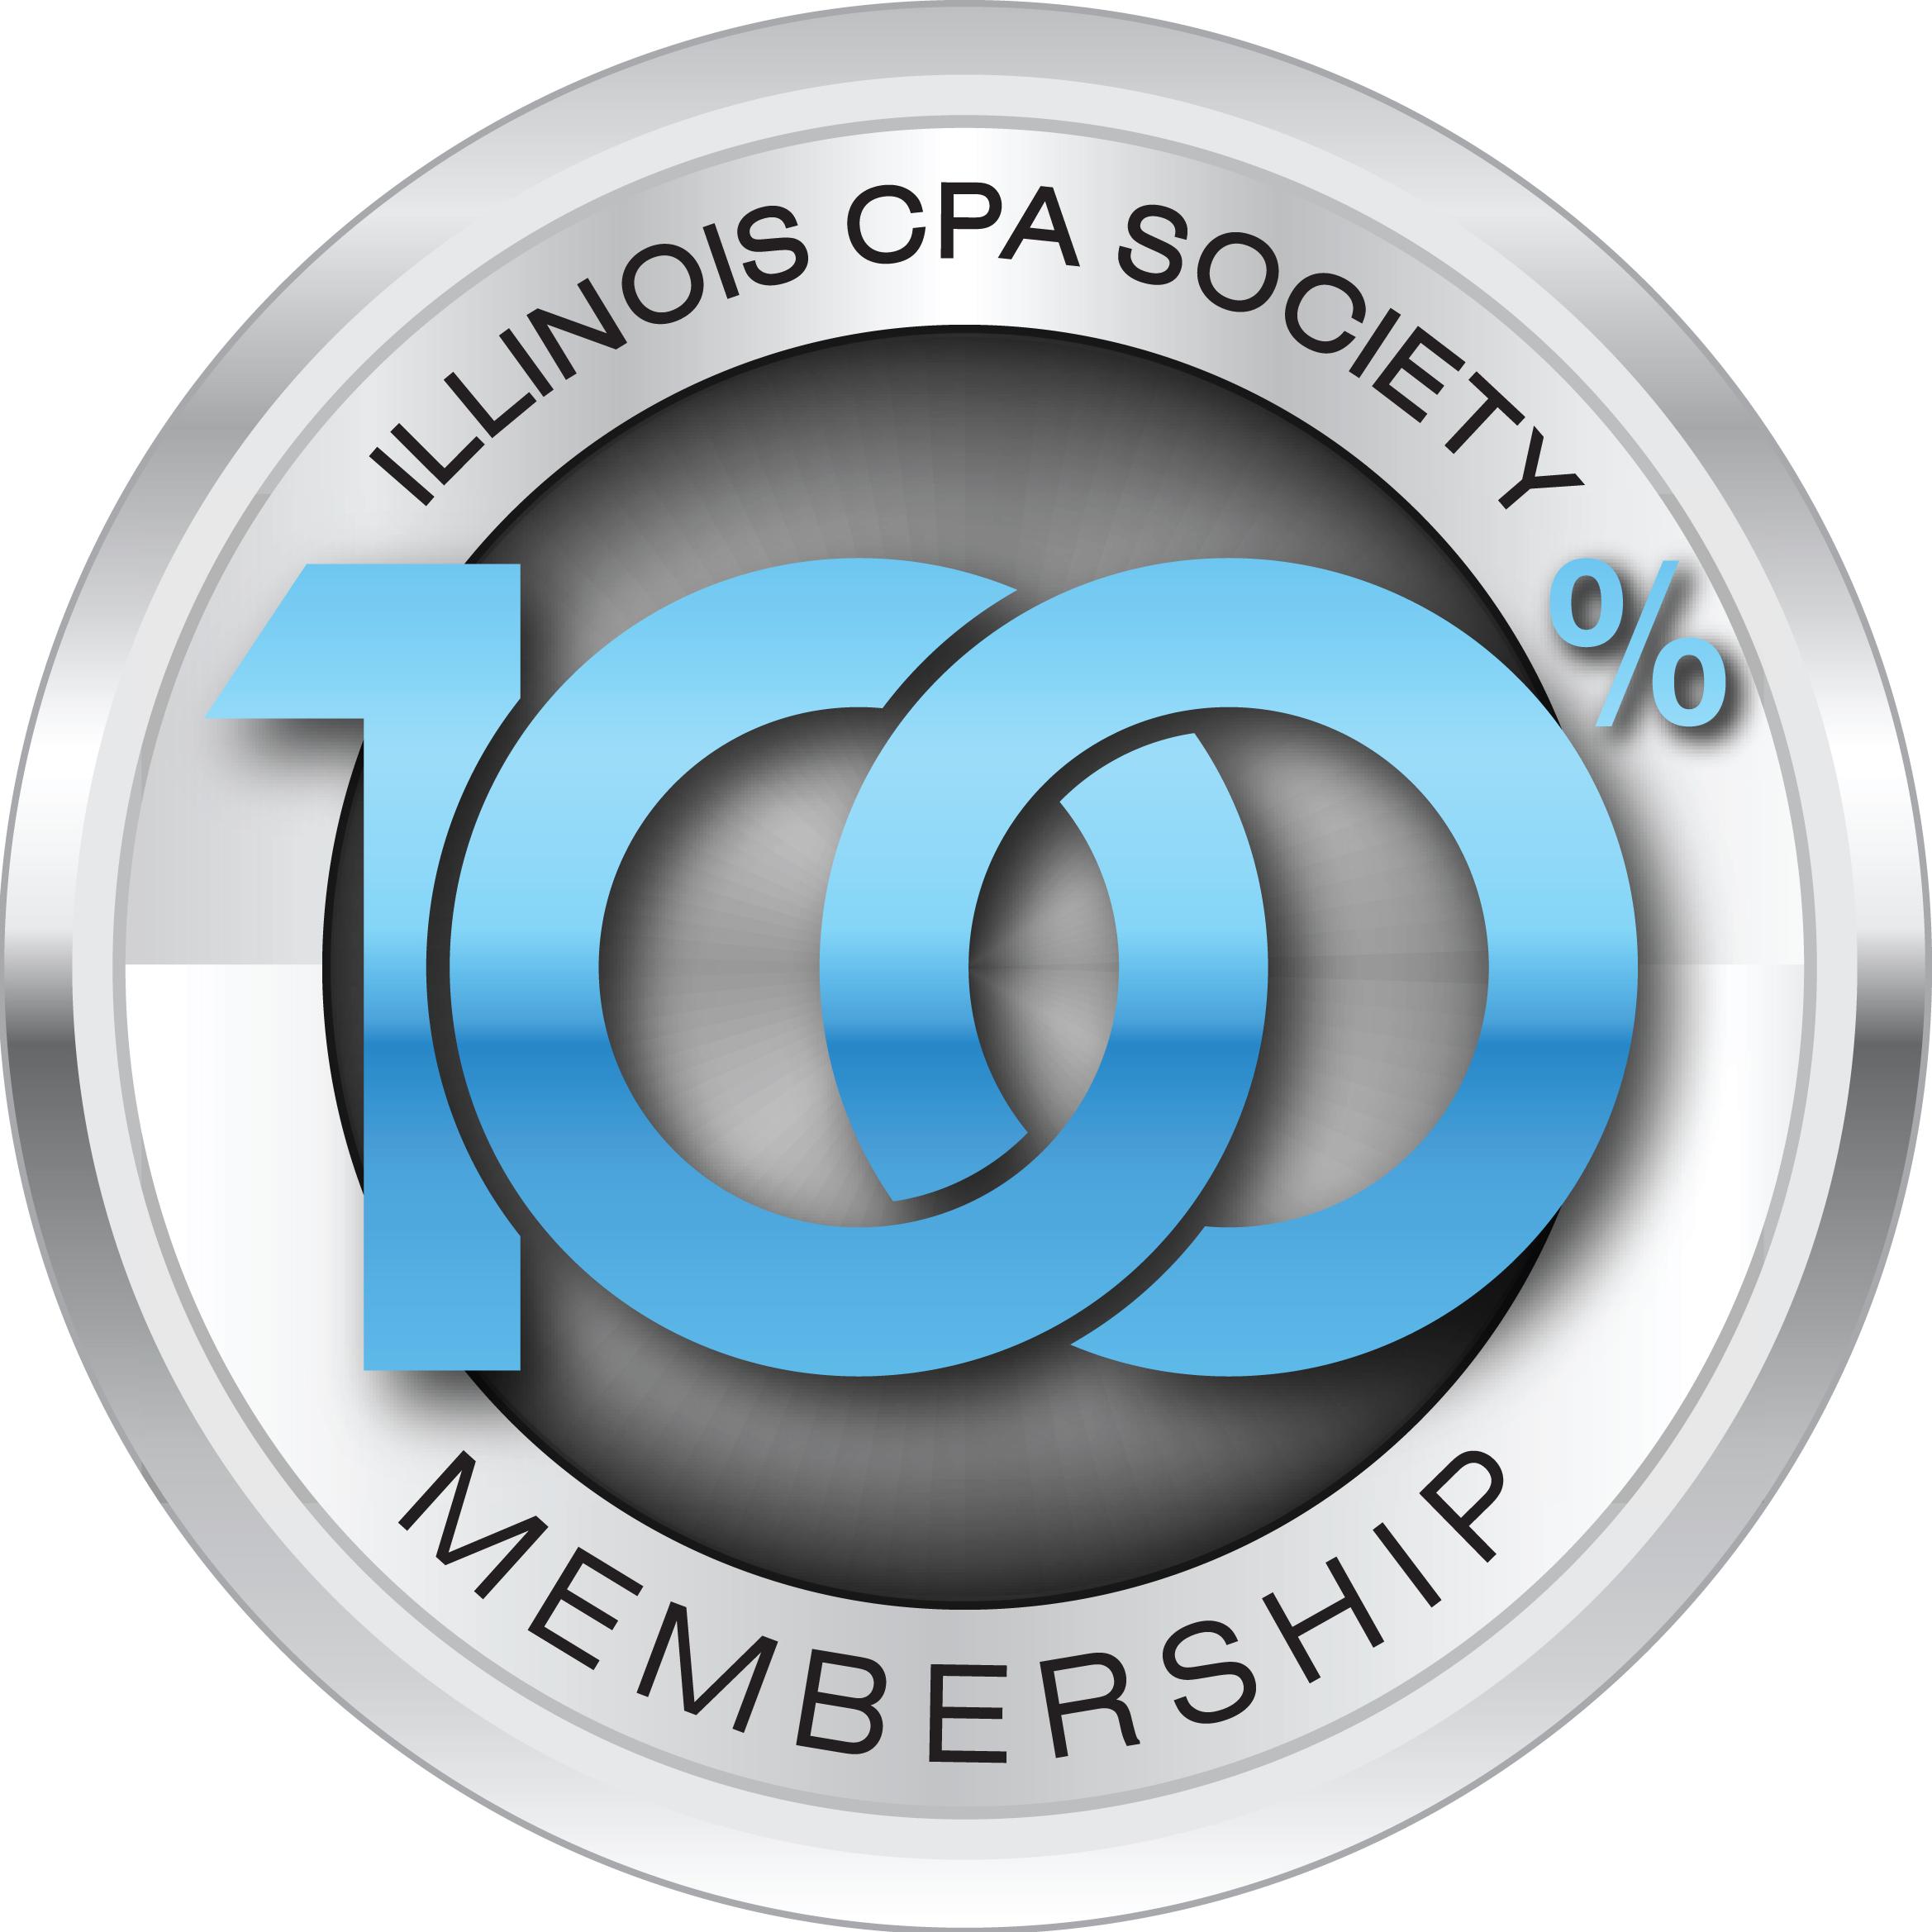 100 CPA Membership in ICPAS